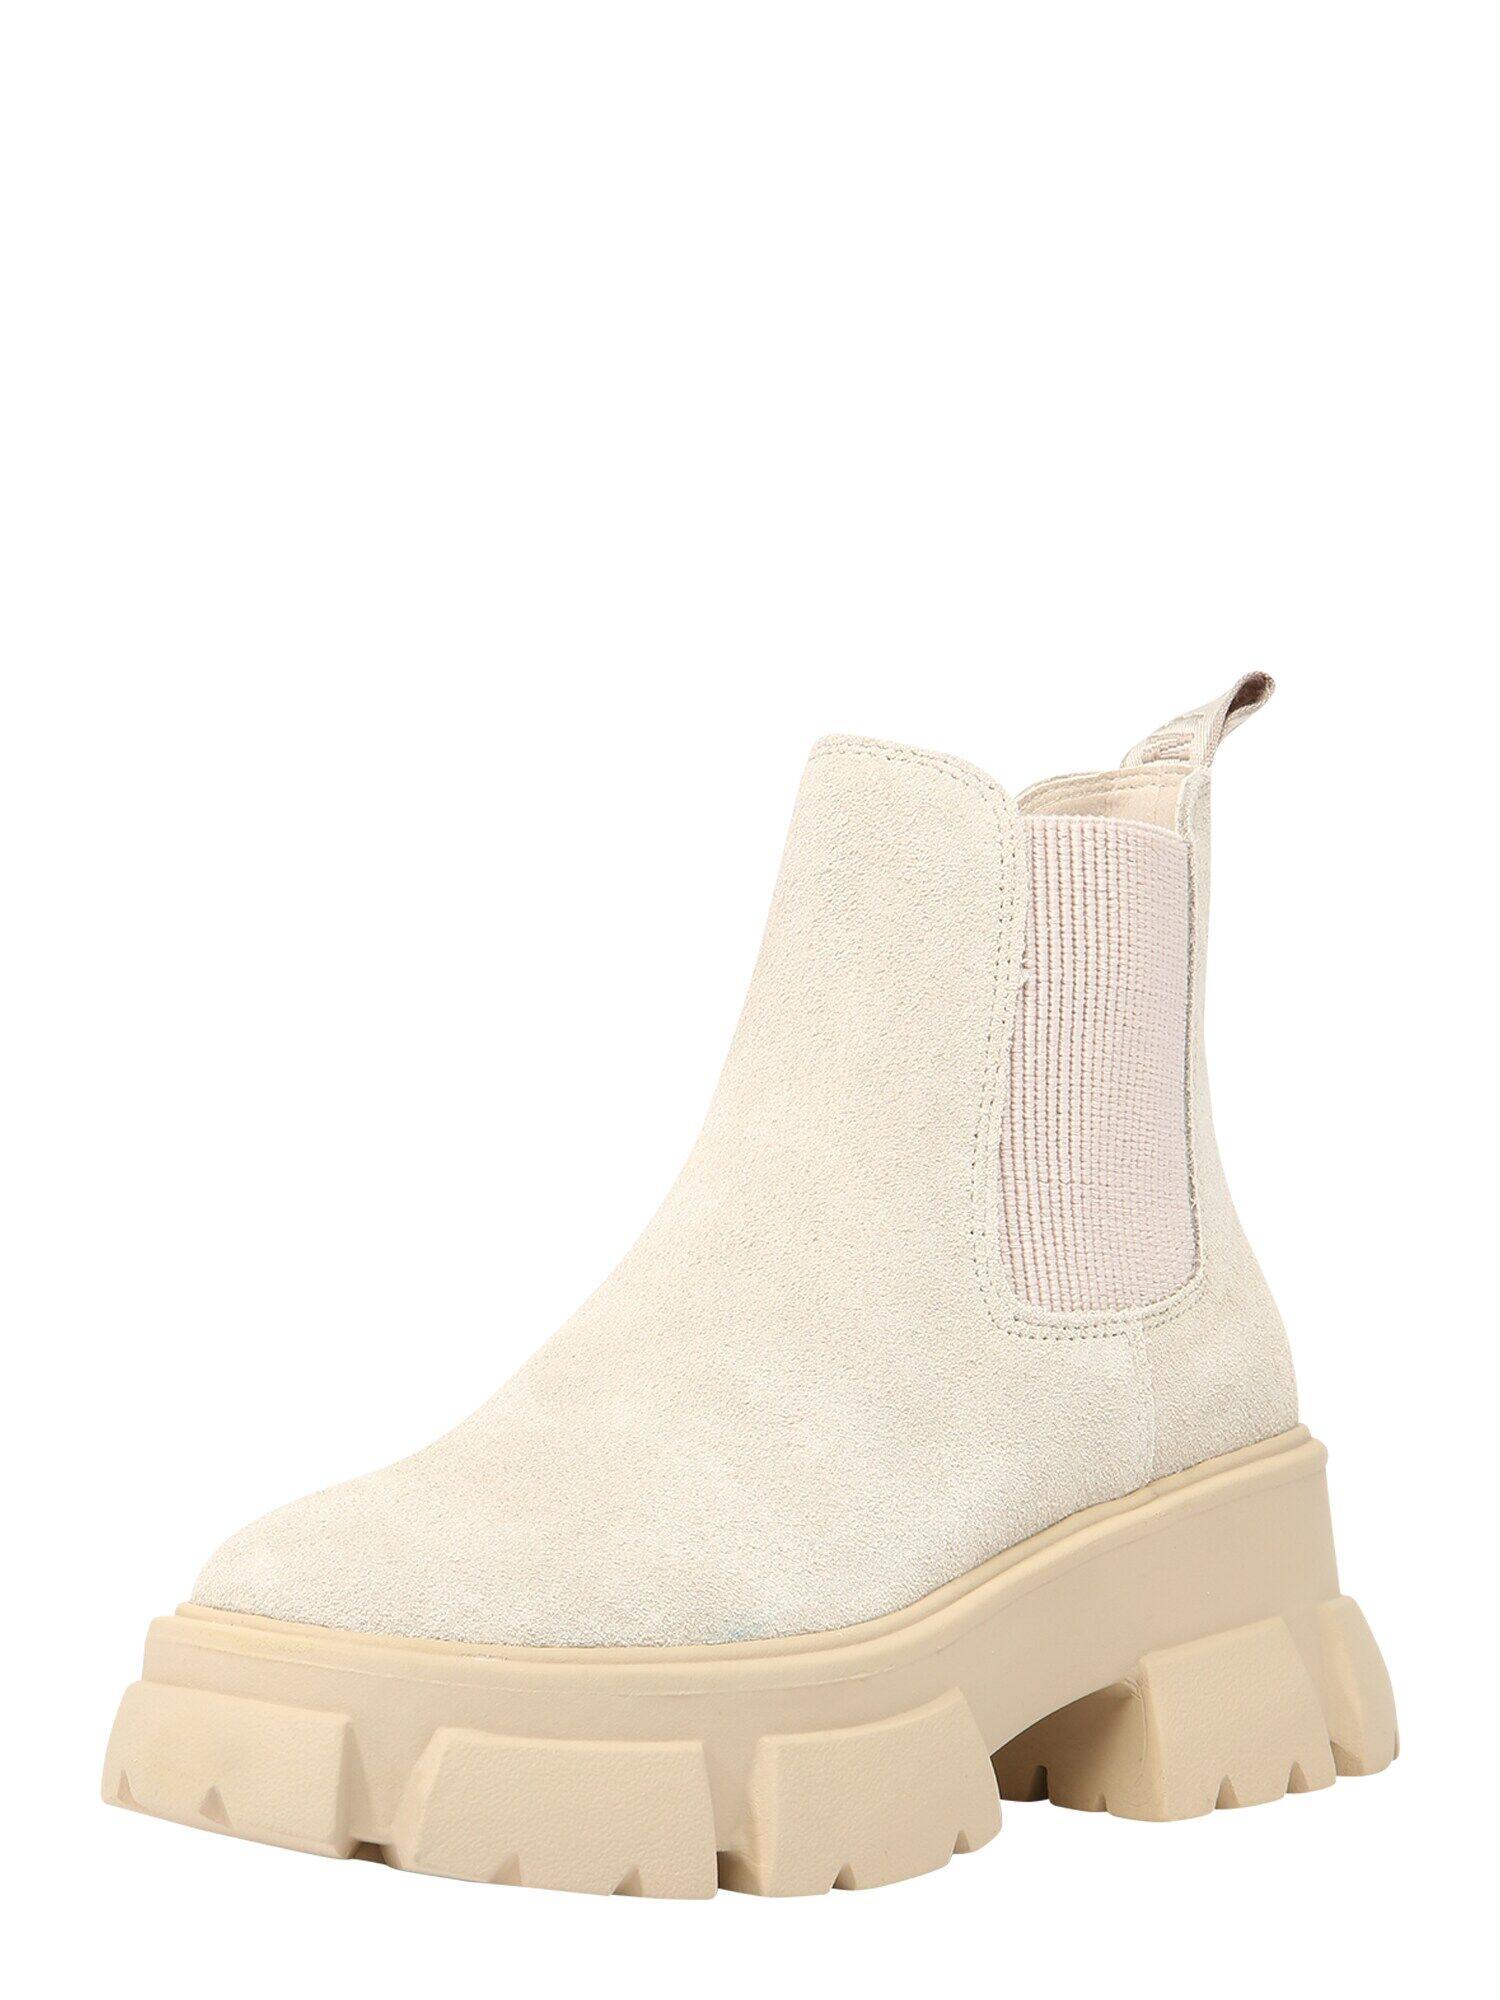 STEVE MADDEN Chelsea Boots 'TUSK'  - Beige - Taille: 39 - female